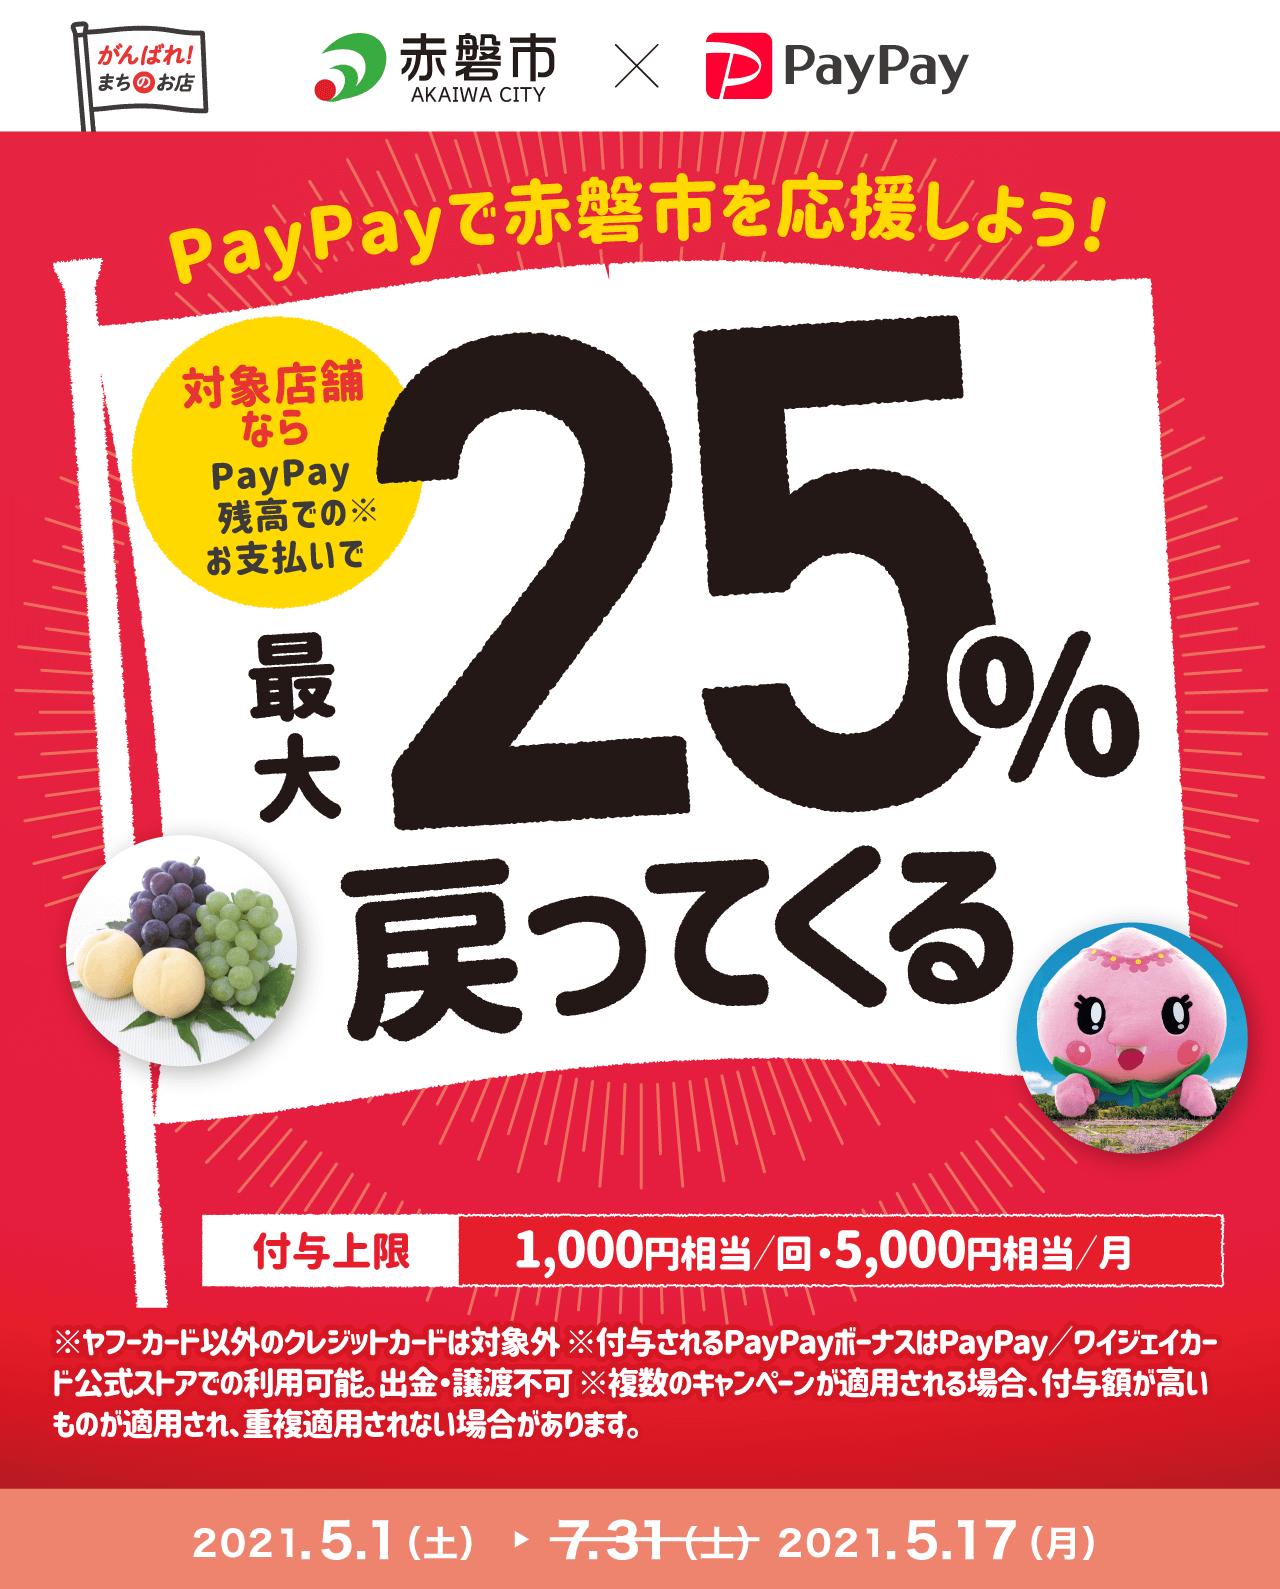 PayPayで赤磐市を応援しよう!対象店舗ならPayPay残高でのお支払いで最大25%戻ってくる